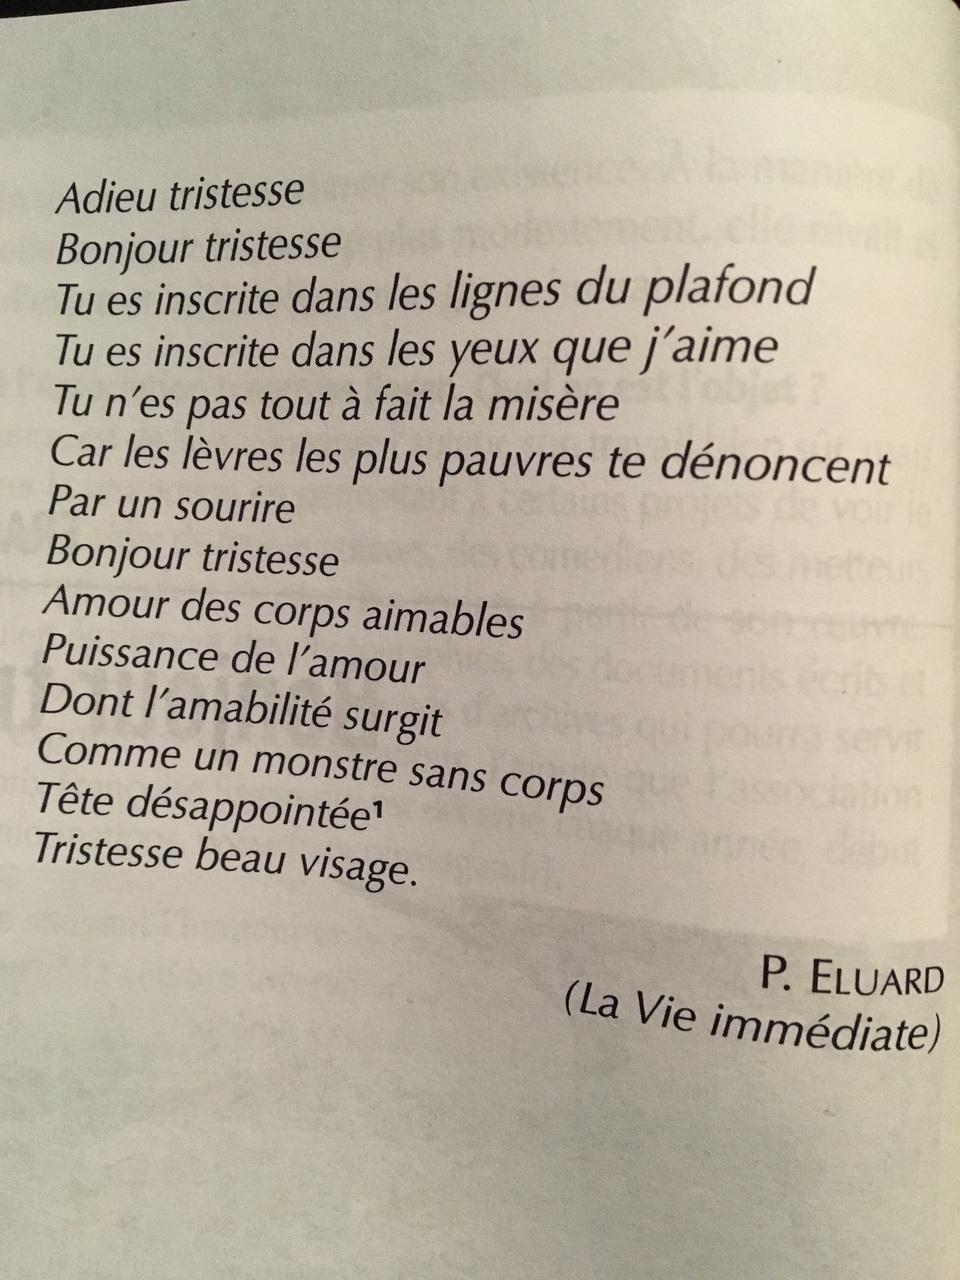 Les Plus Beaux Poemes Sur La Vie : beaux, poemes, Poème, Immédiate